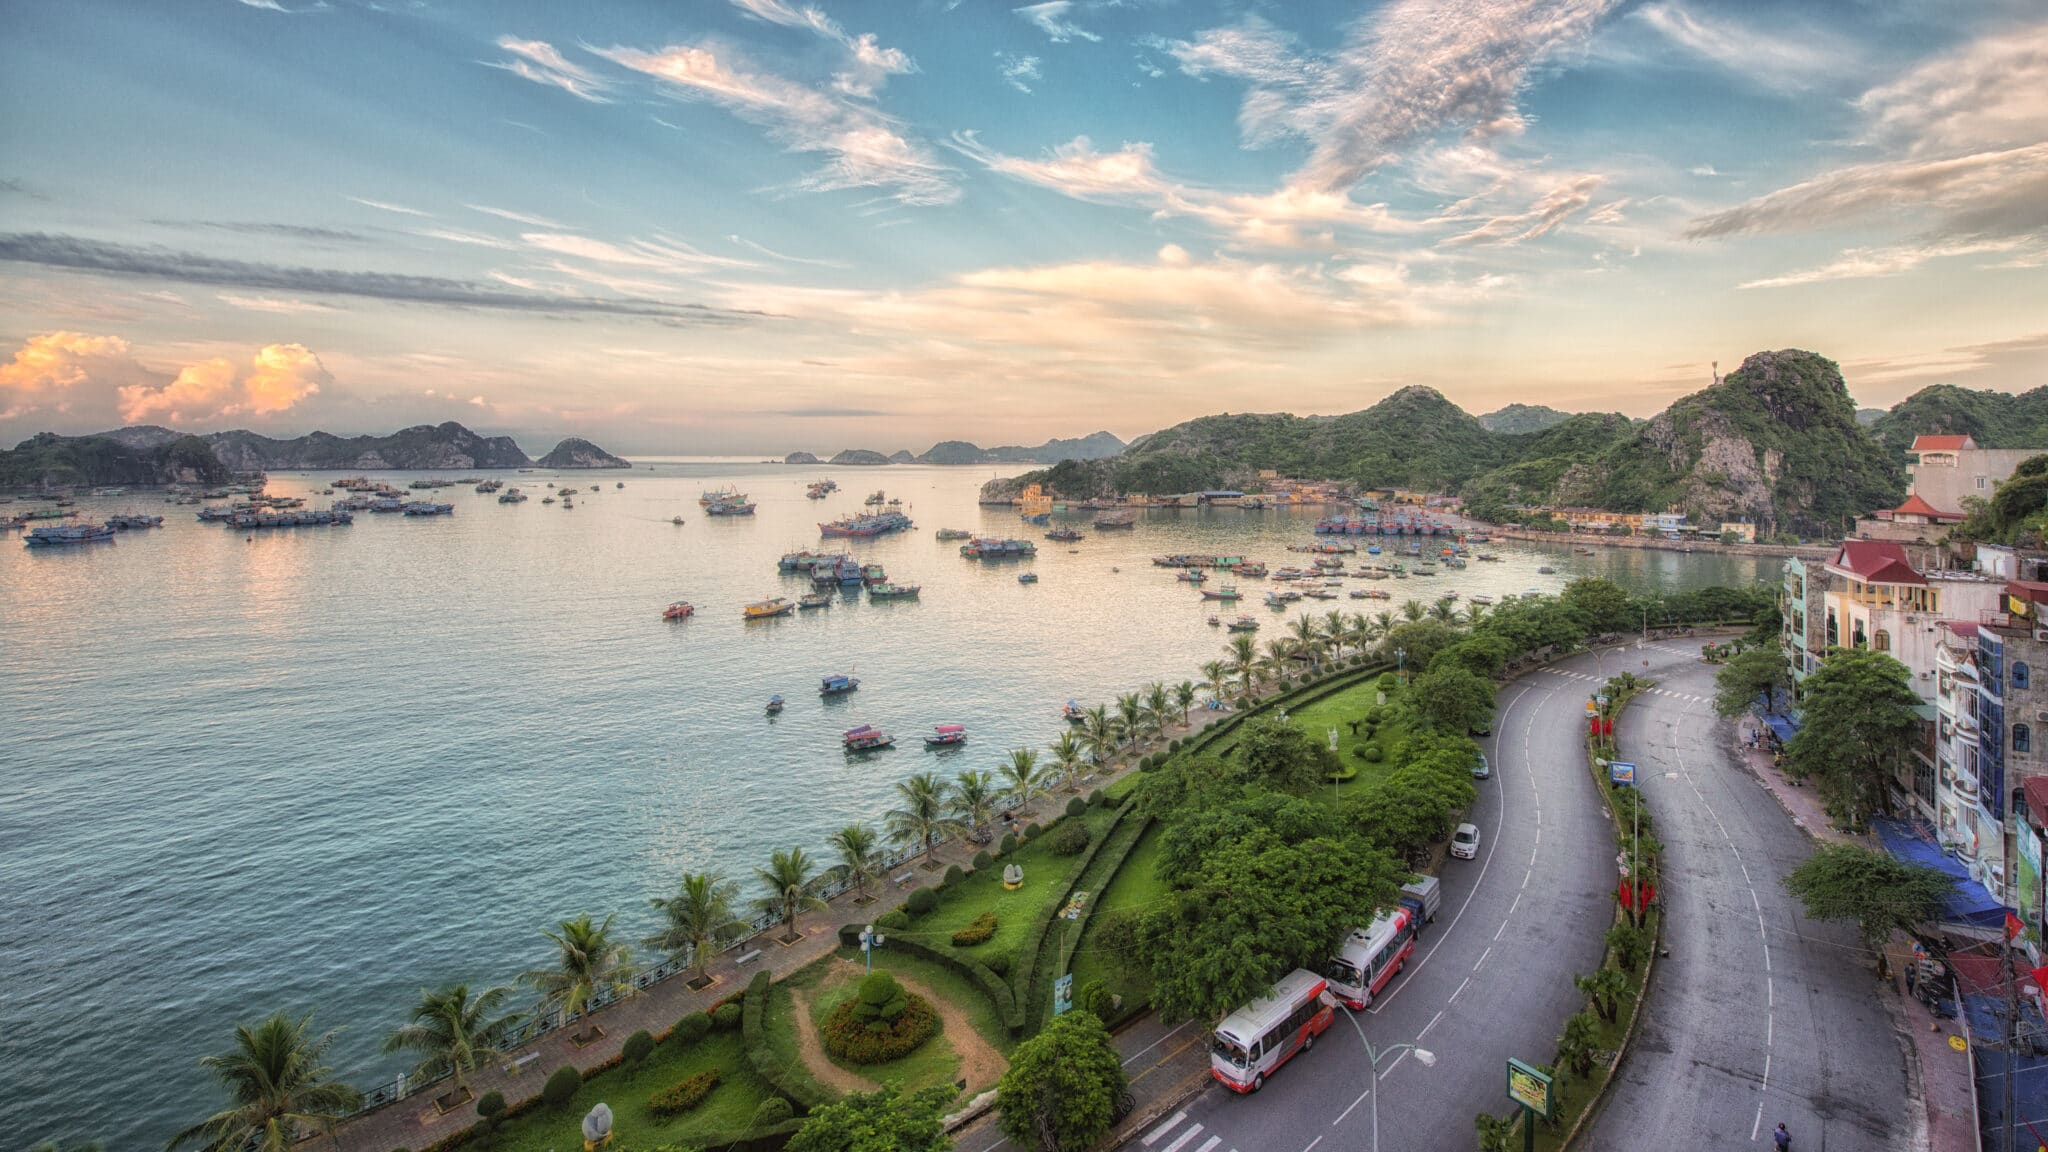 Cat Ba Town and Pier in Vietnam